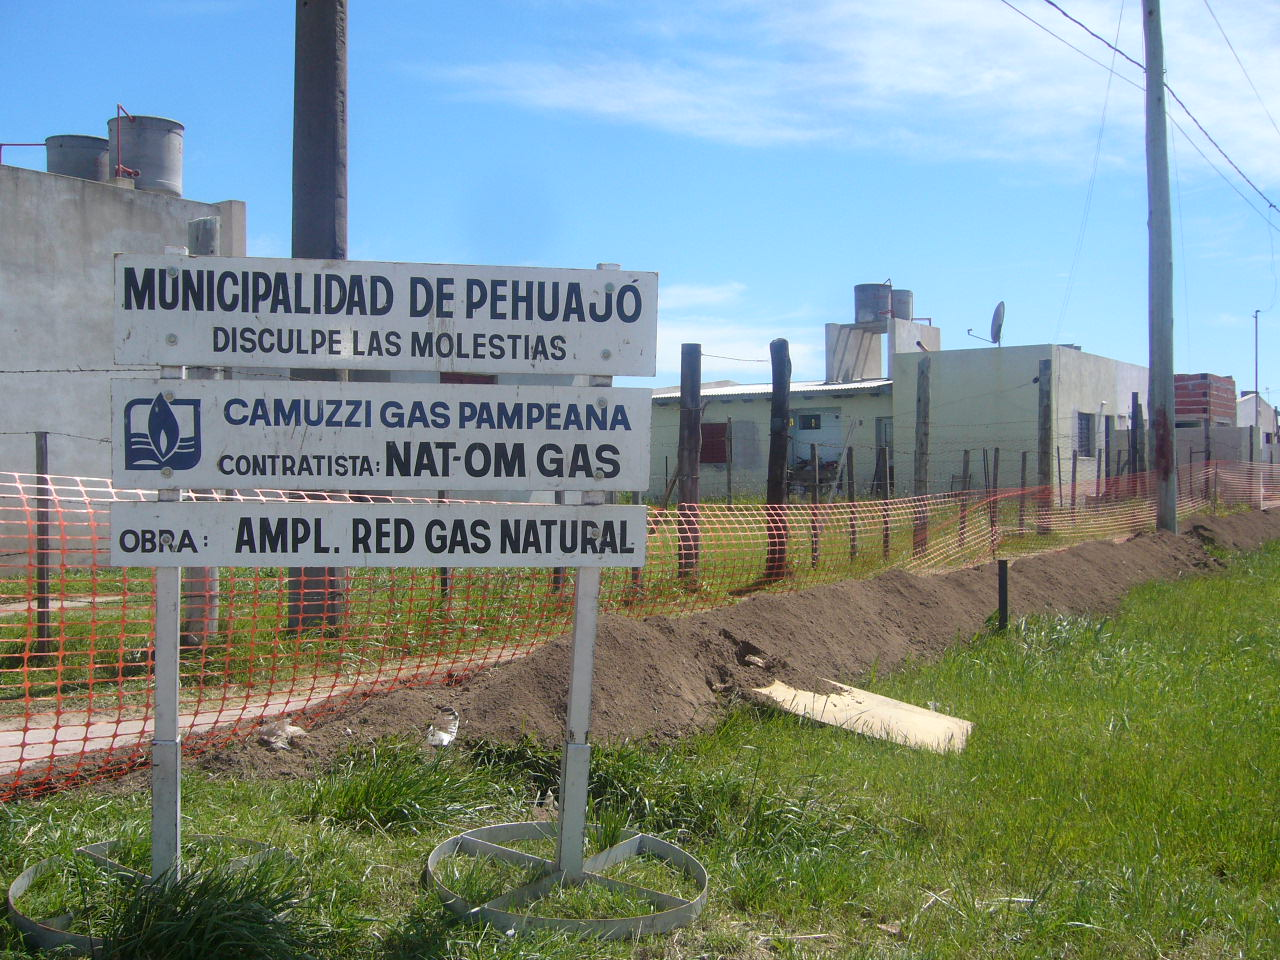 Oficina de prensa municipalidad de pehuajo m s obras de for Oficinas de gas natural